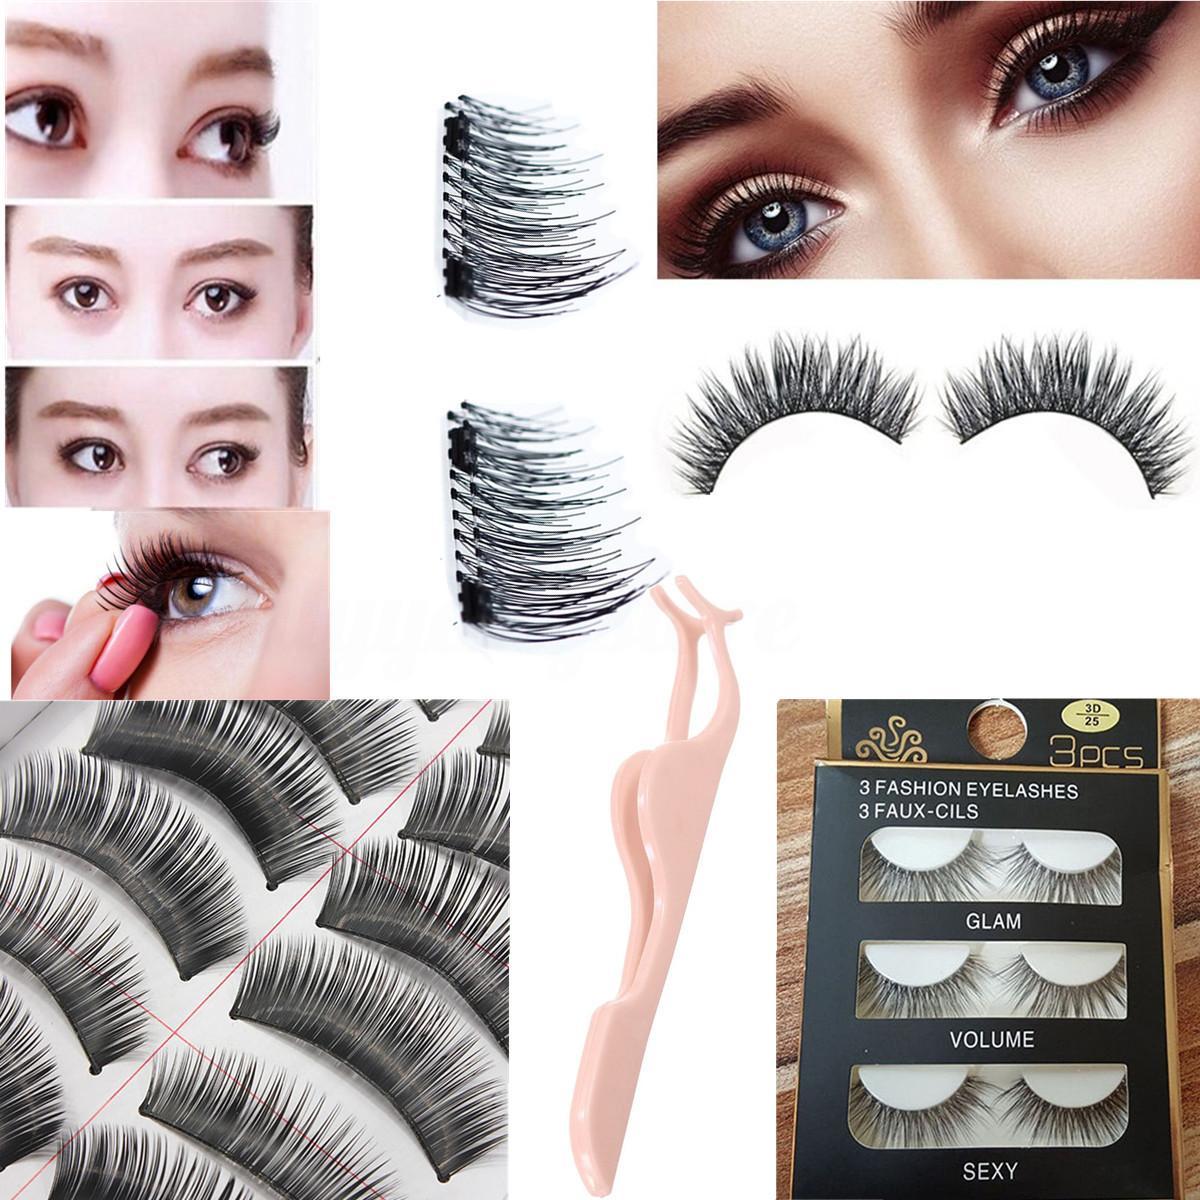 Mi giả lông chồn 3D cho ánh nhìn quyến rũ thu hút Fashion Eyelashes (3 Đôi)